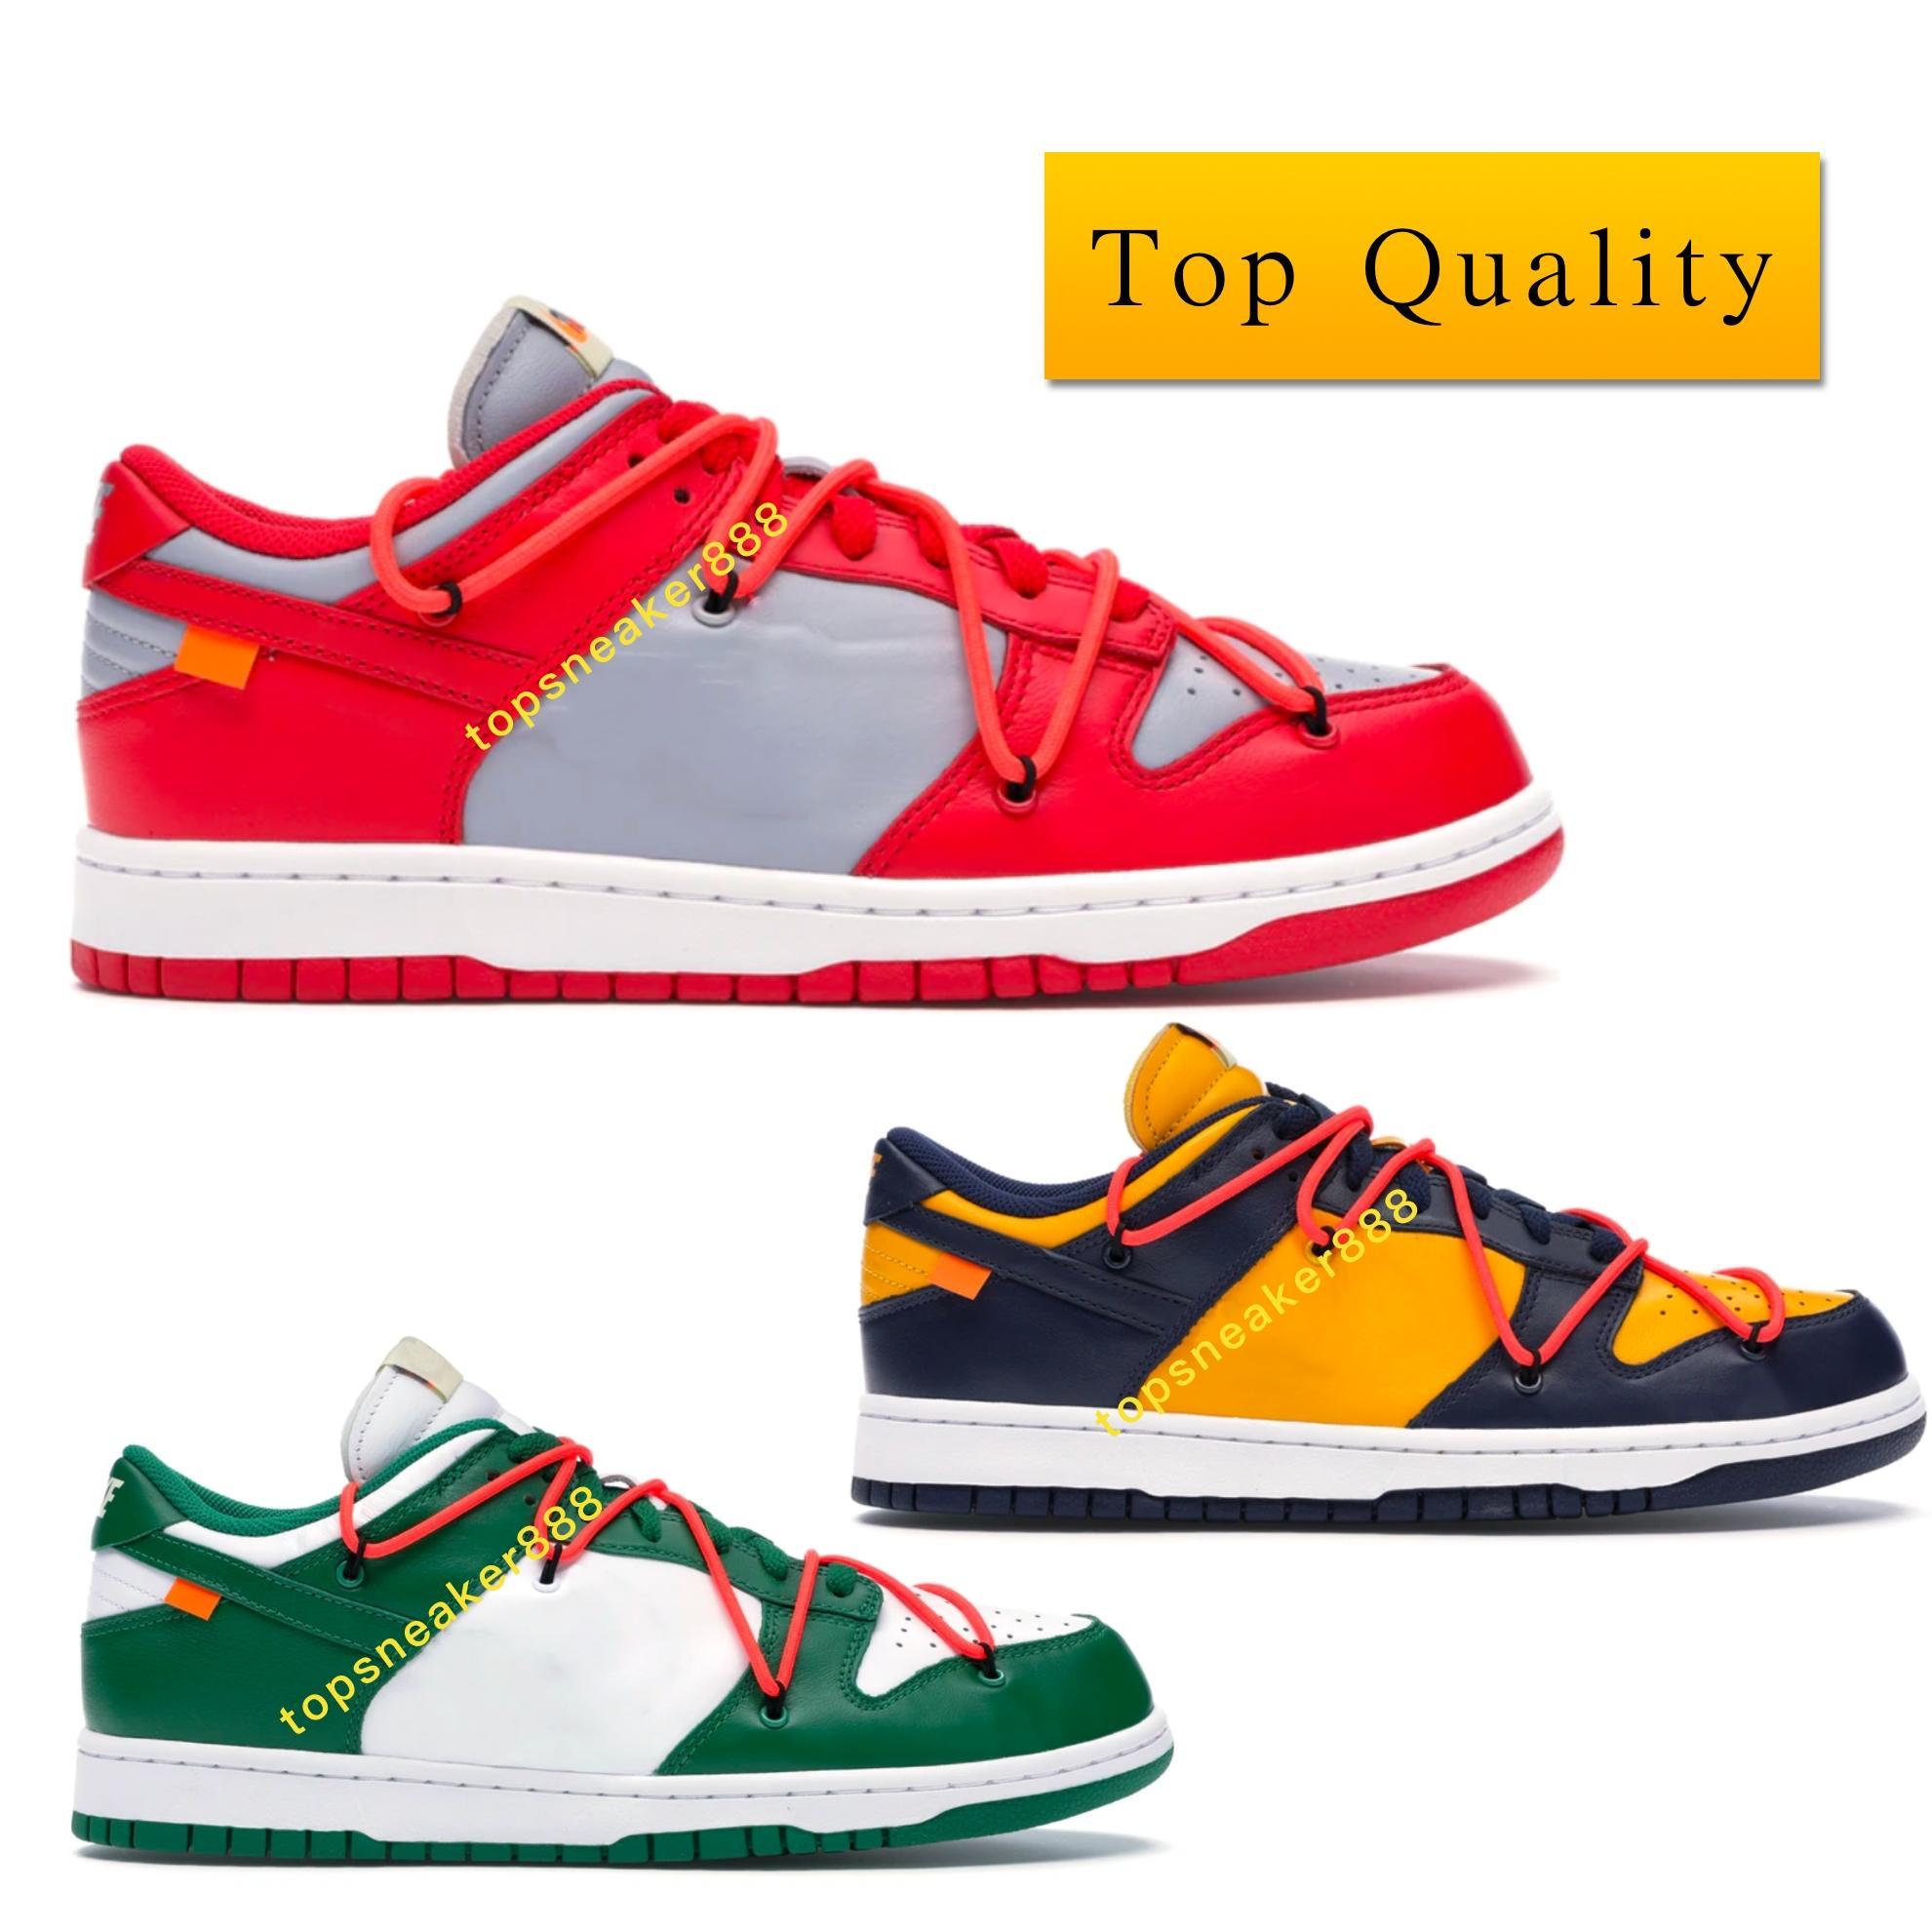 أعلى جودة دونك منخفض جامعة الرجل الأحمر إمرأة حذاء رياضة الصنوبر جامعة أخضر الذهب منتصف الليل البحرية مع صندوق الولايات المتحدة 5،5 حتي 12